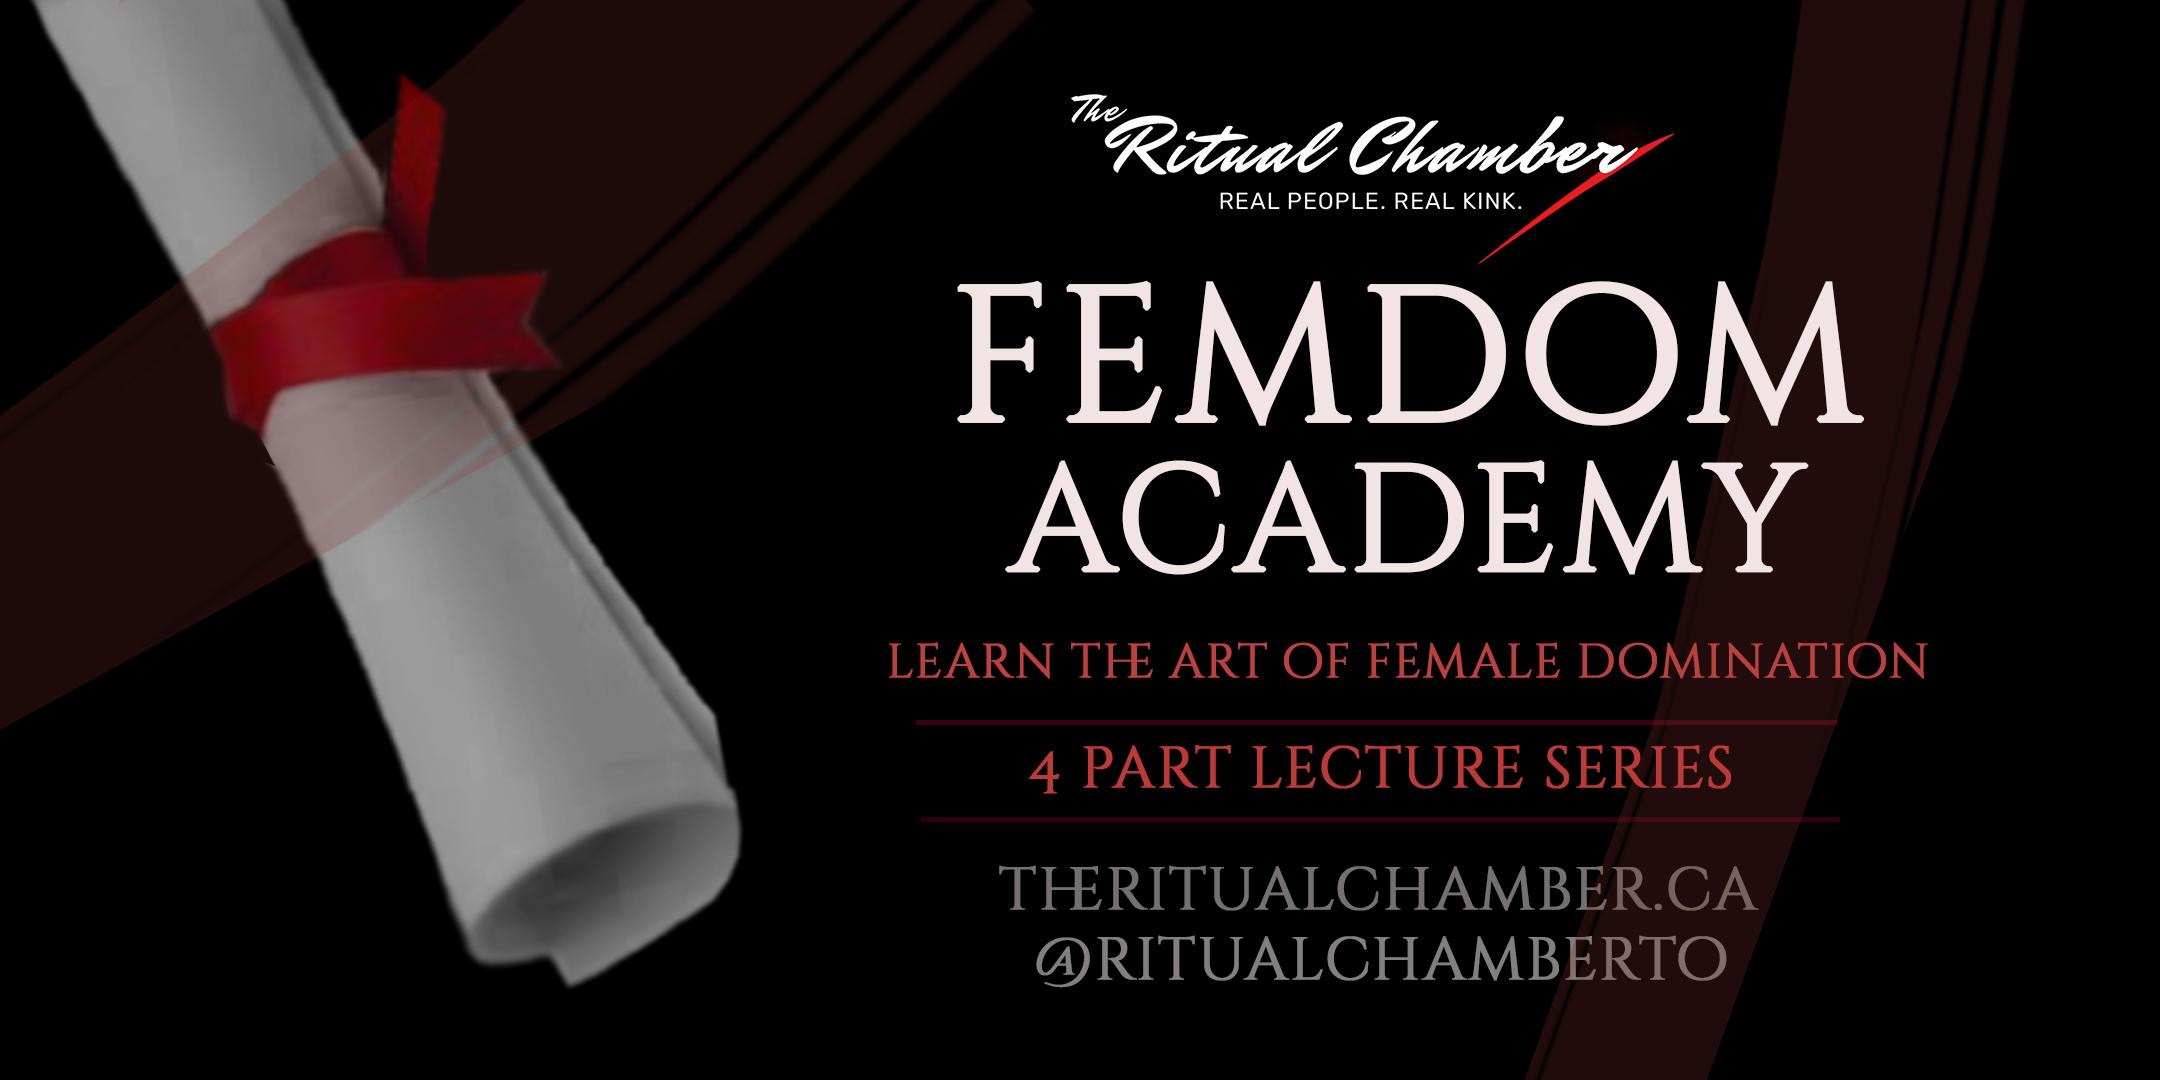 Femdom Academy Eventbrite Banner .jpg